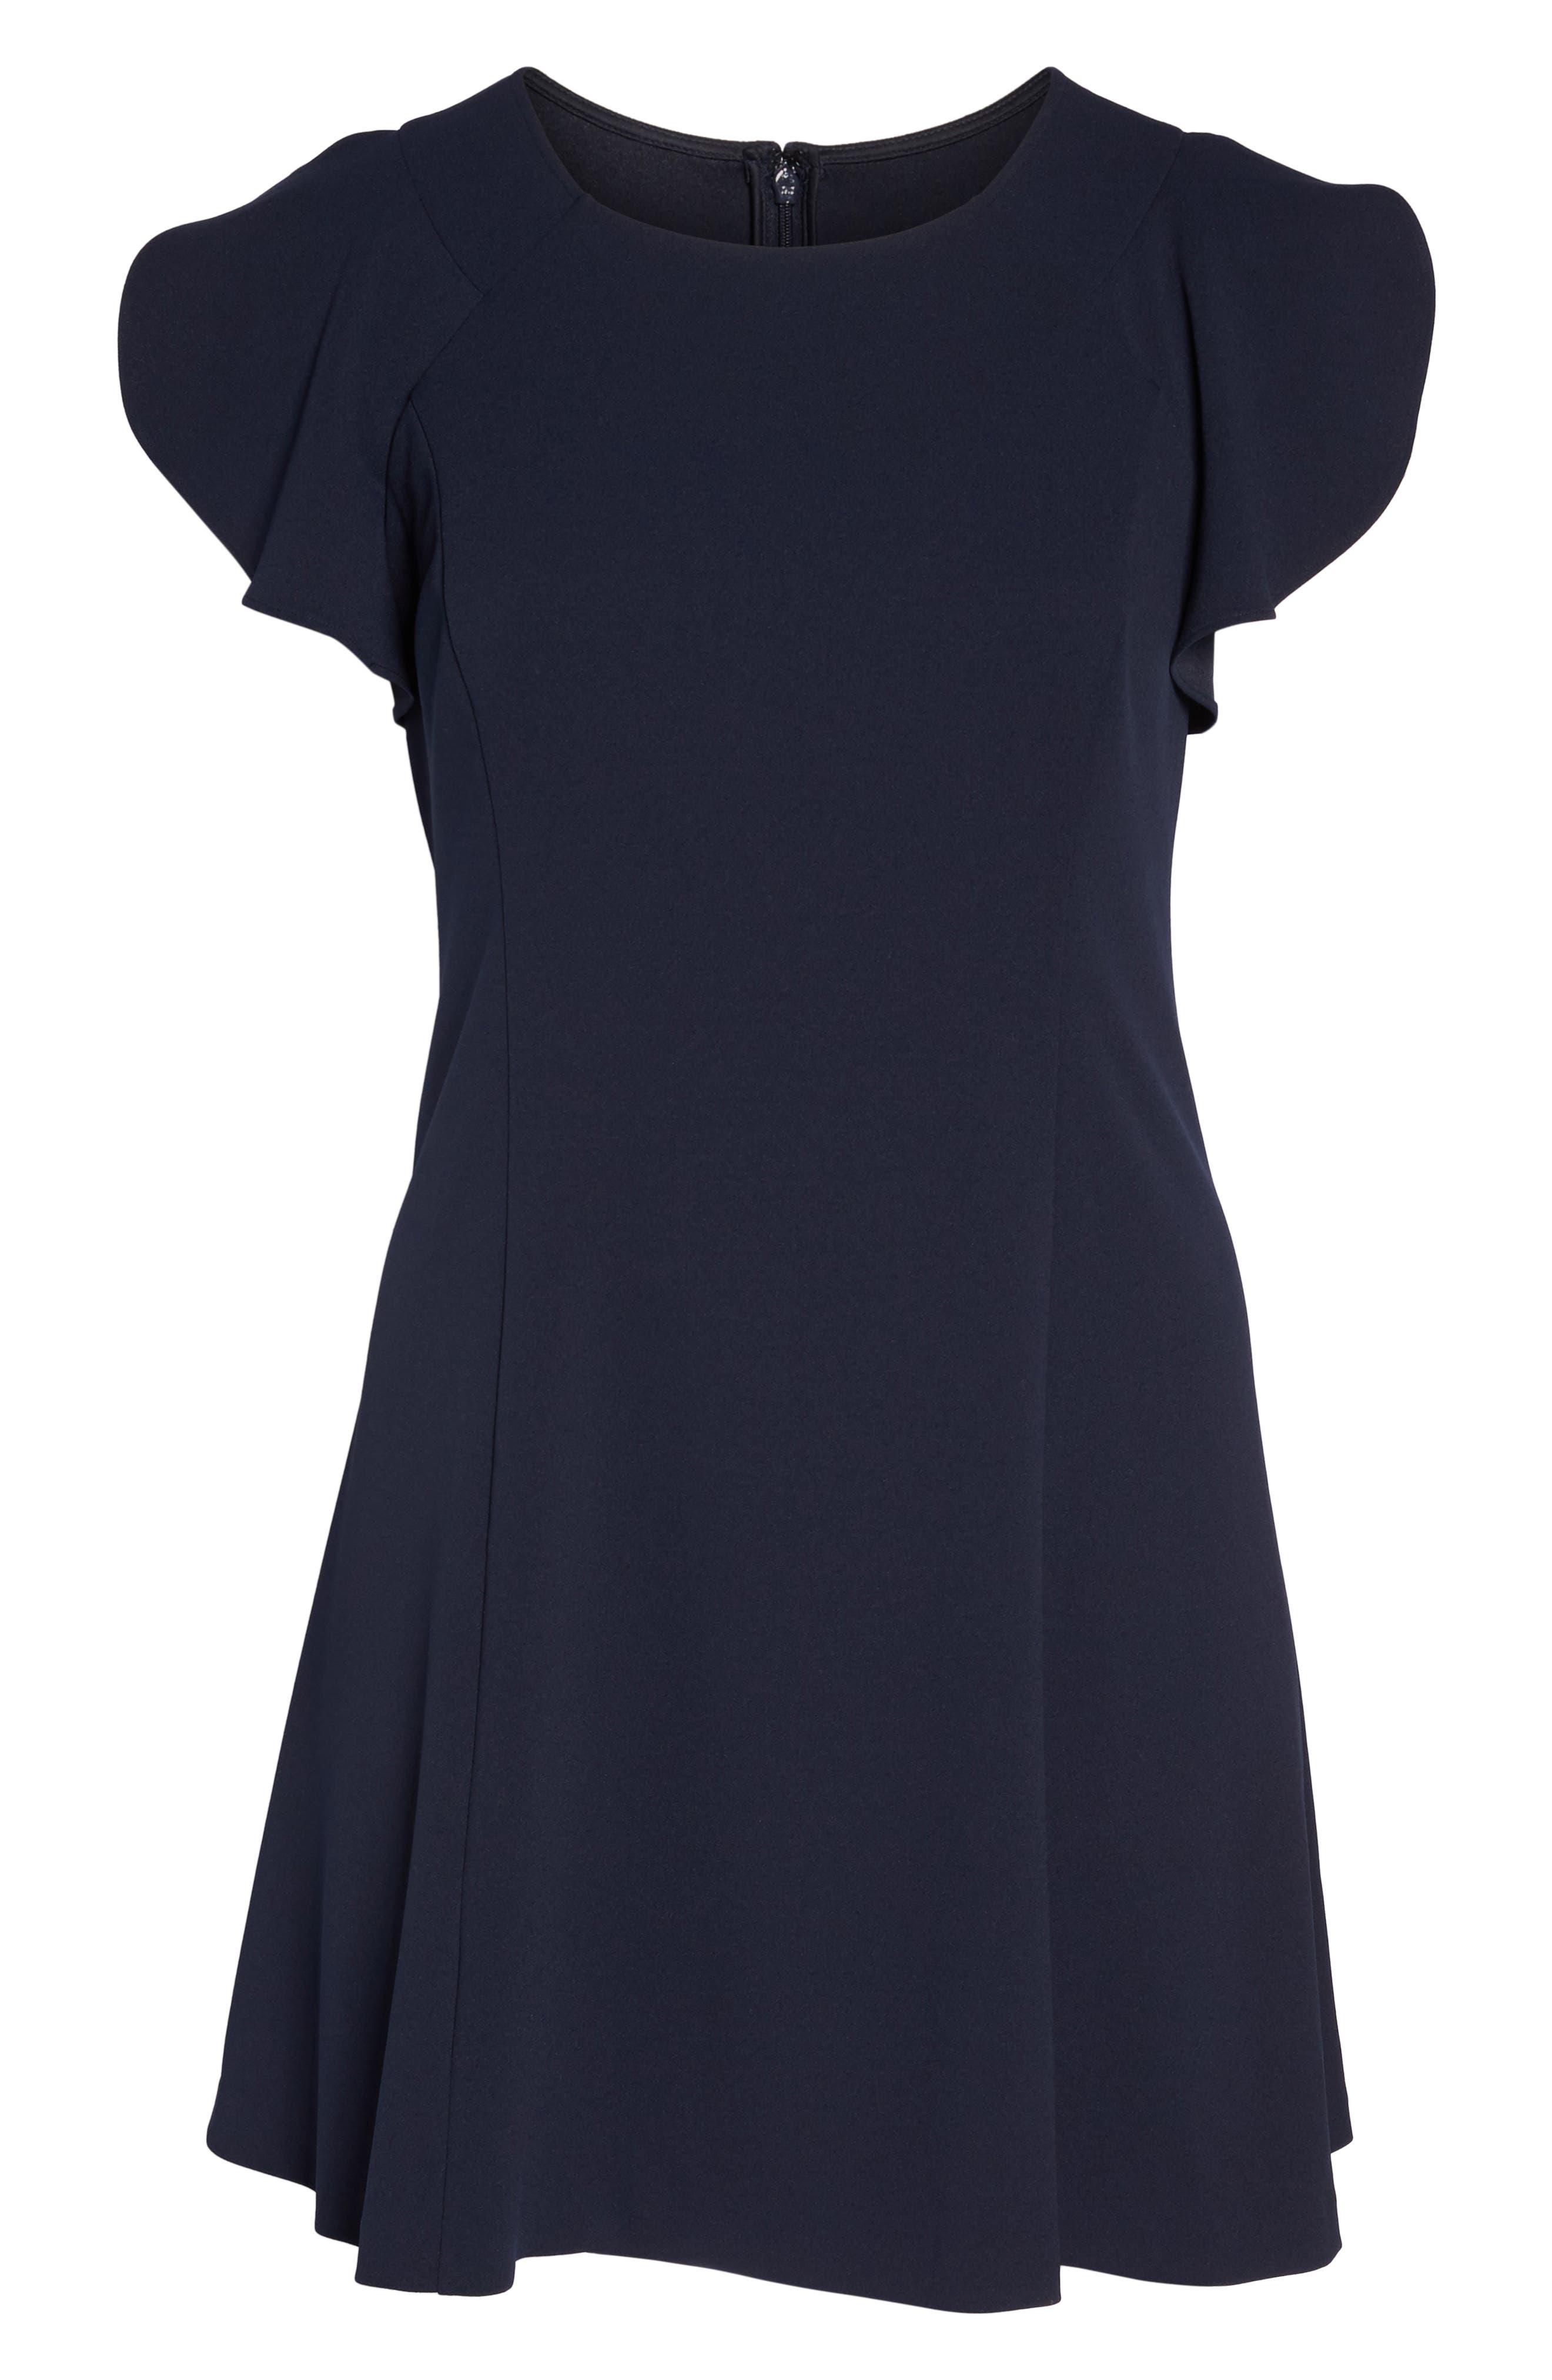 Ruffle Sleeve Scuba Crepe A-Line Dress,                             Alternate thumbnail 6, color,                             Navy